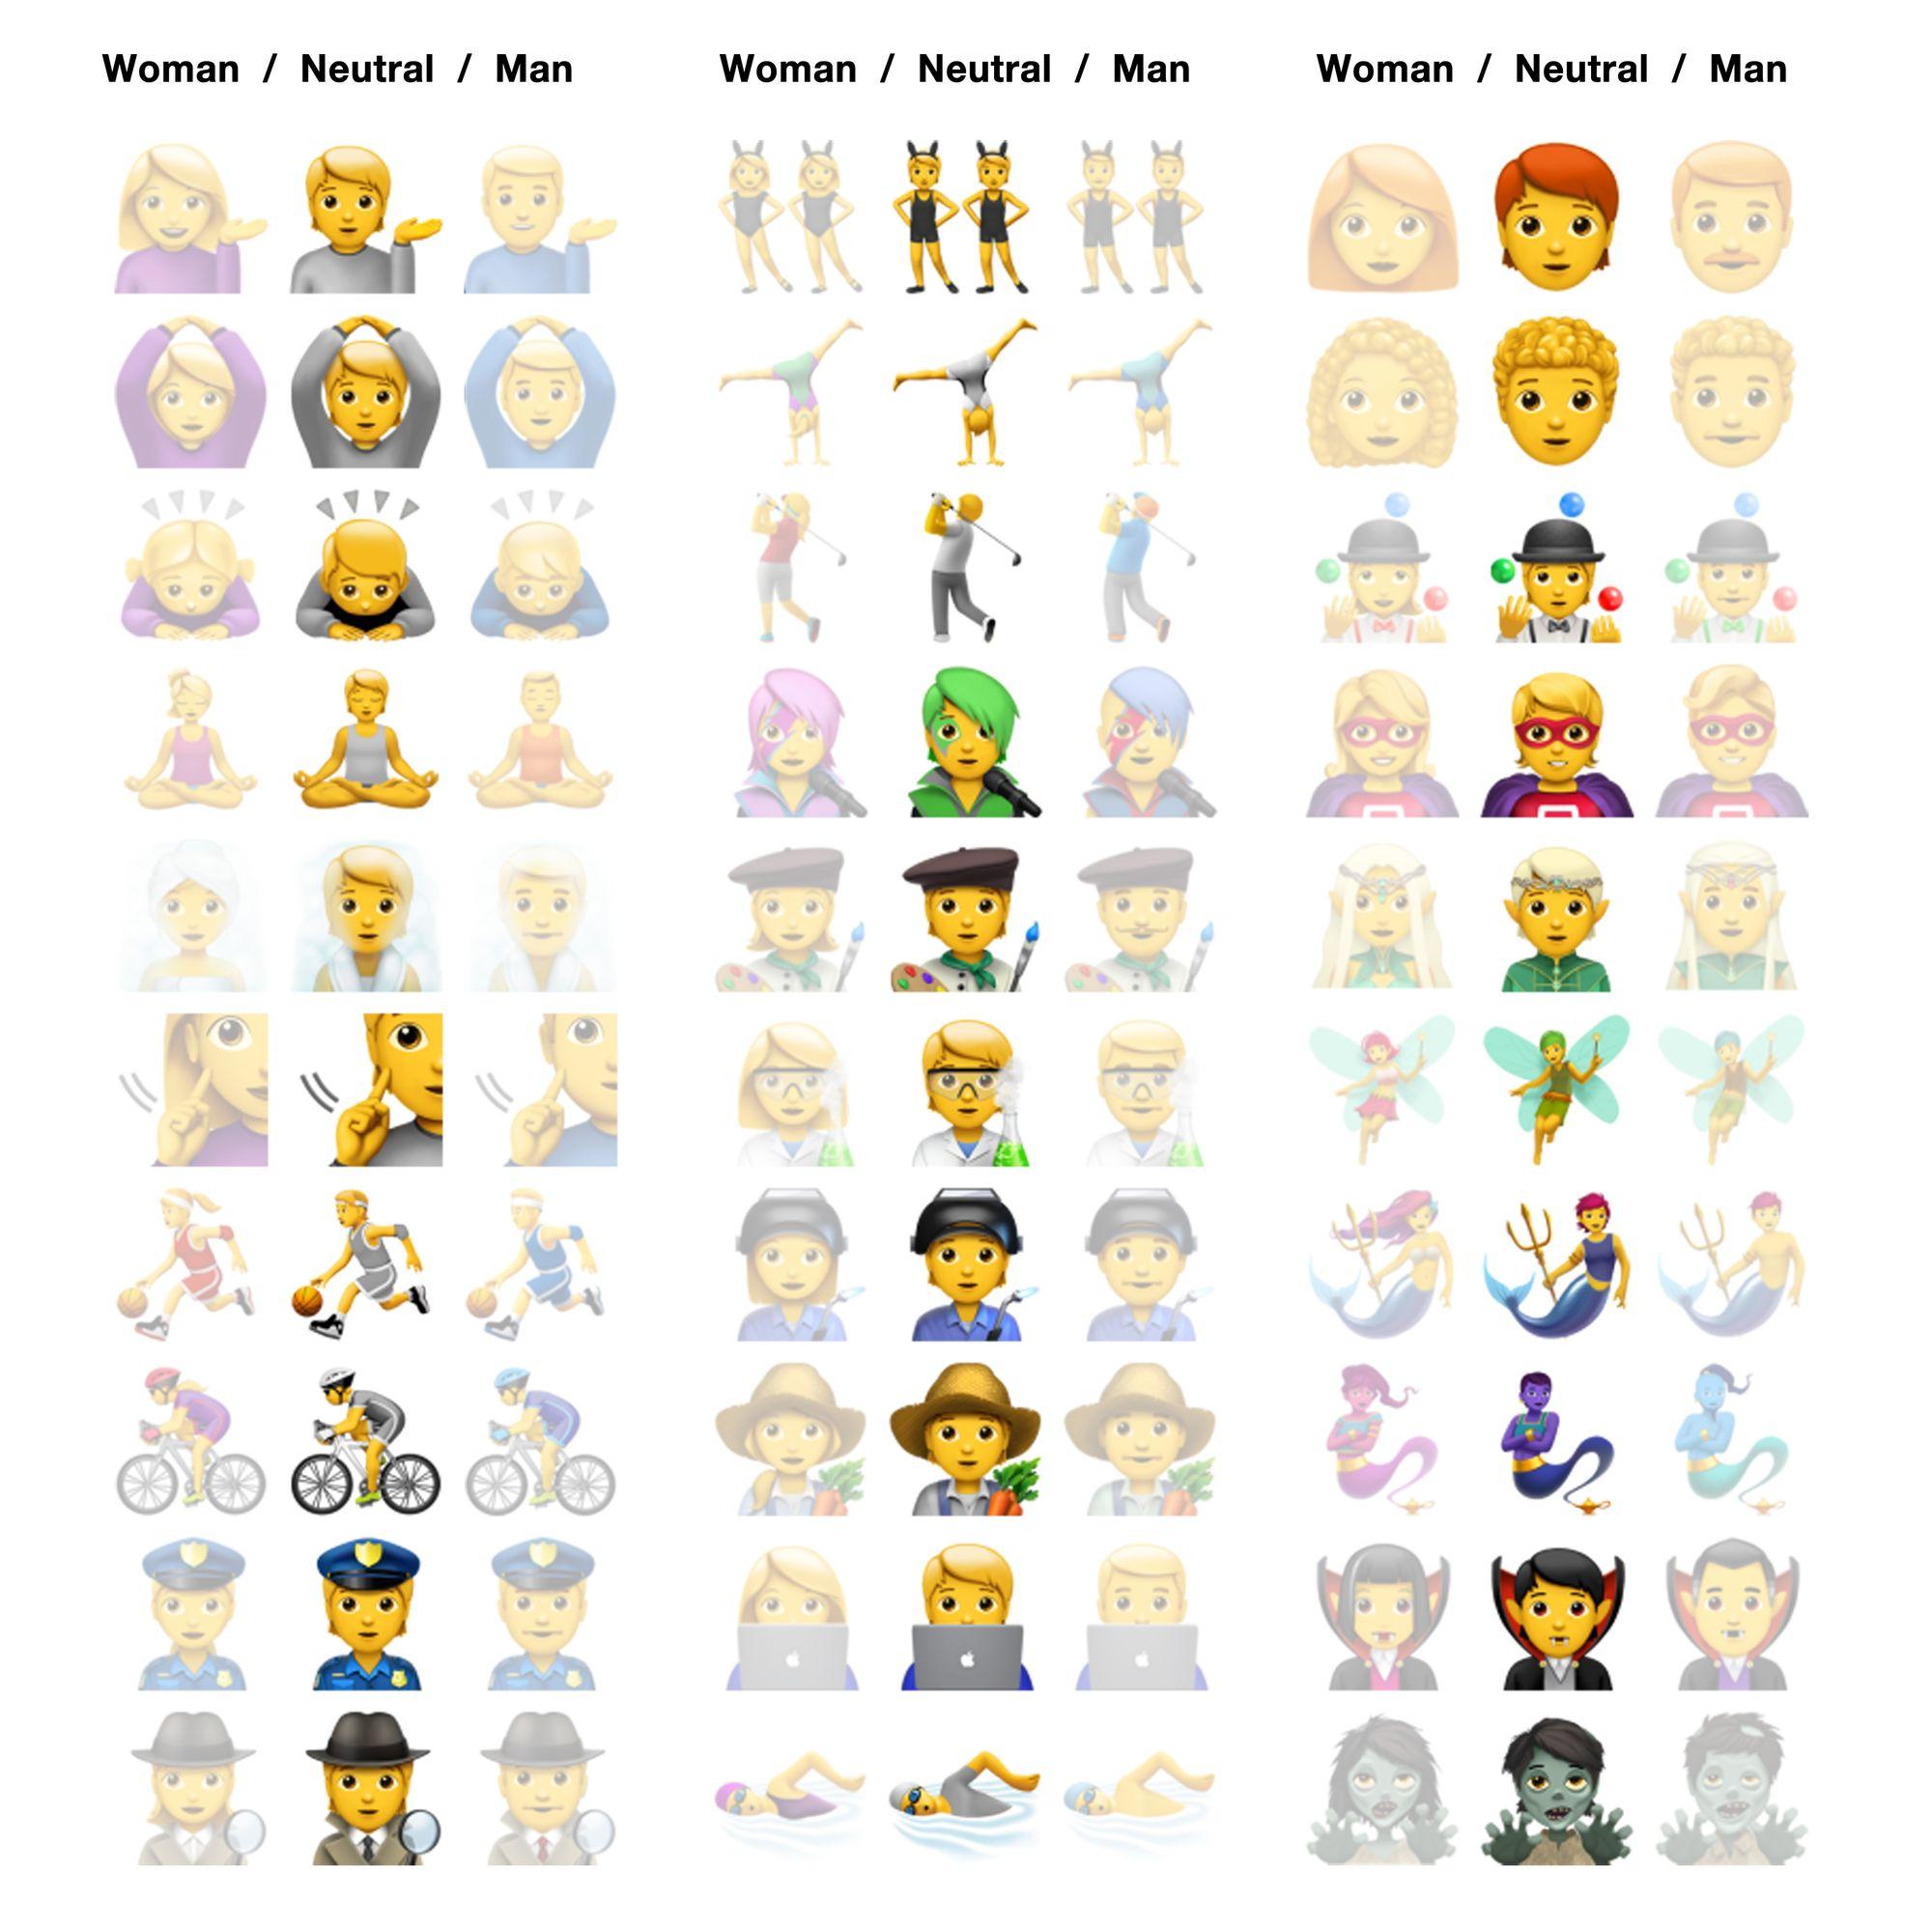 Apples iOS 13.2 brings gender-neutral emoji options